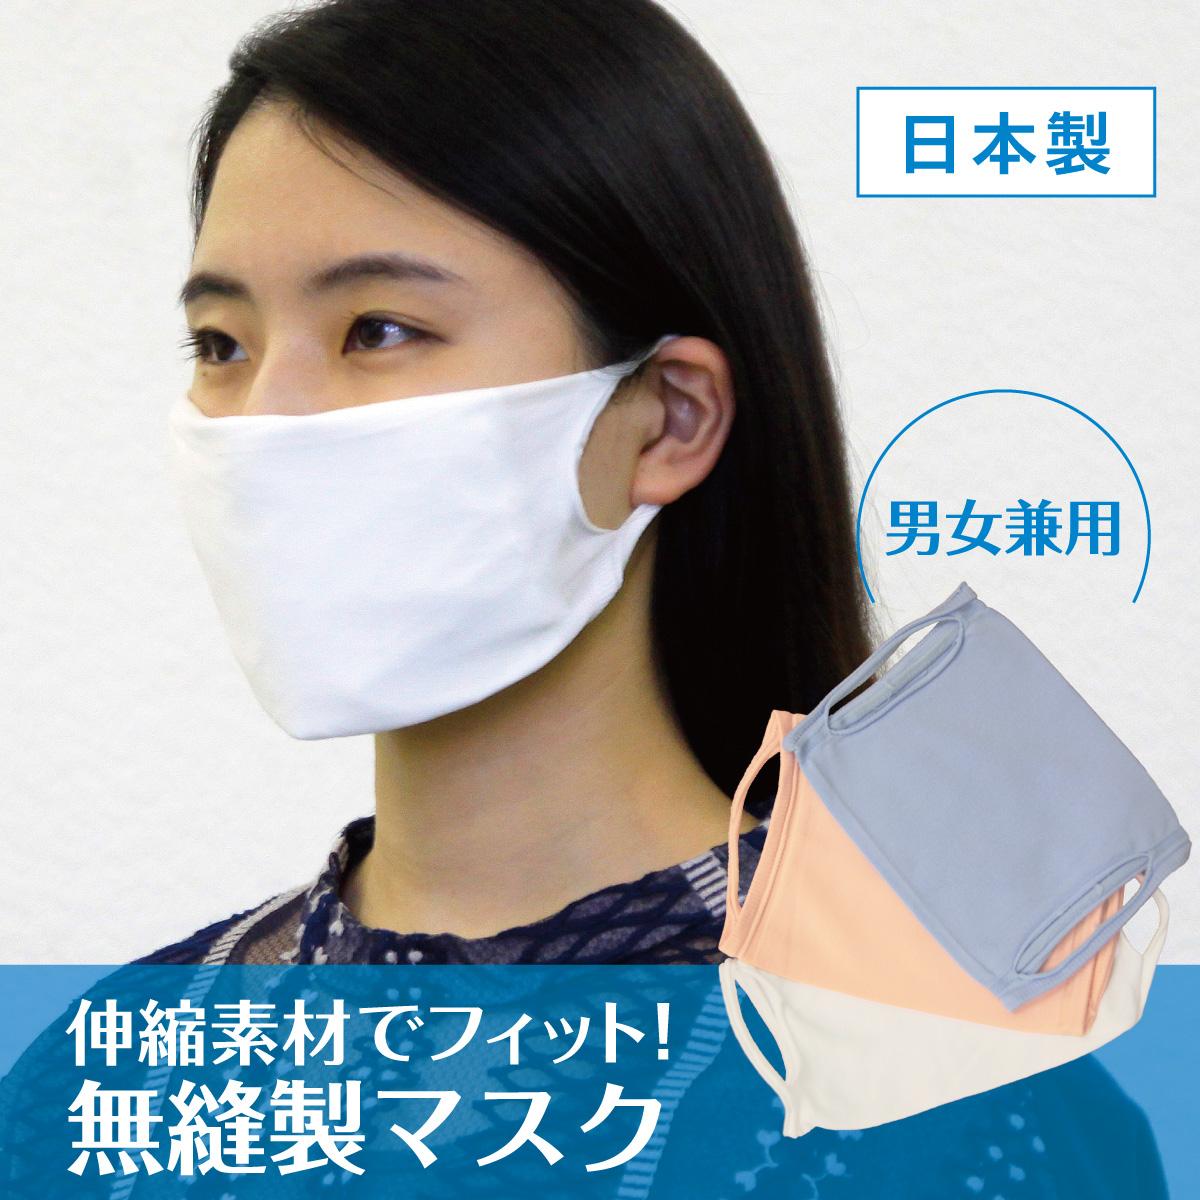 の 違い 布 マスク マスク 紙 と